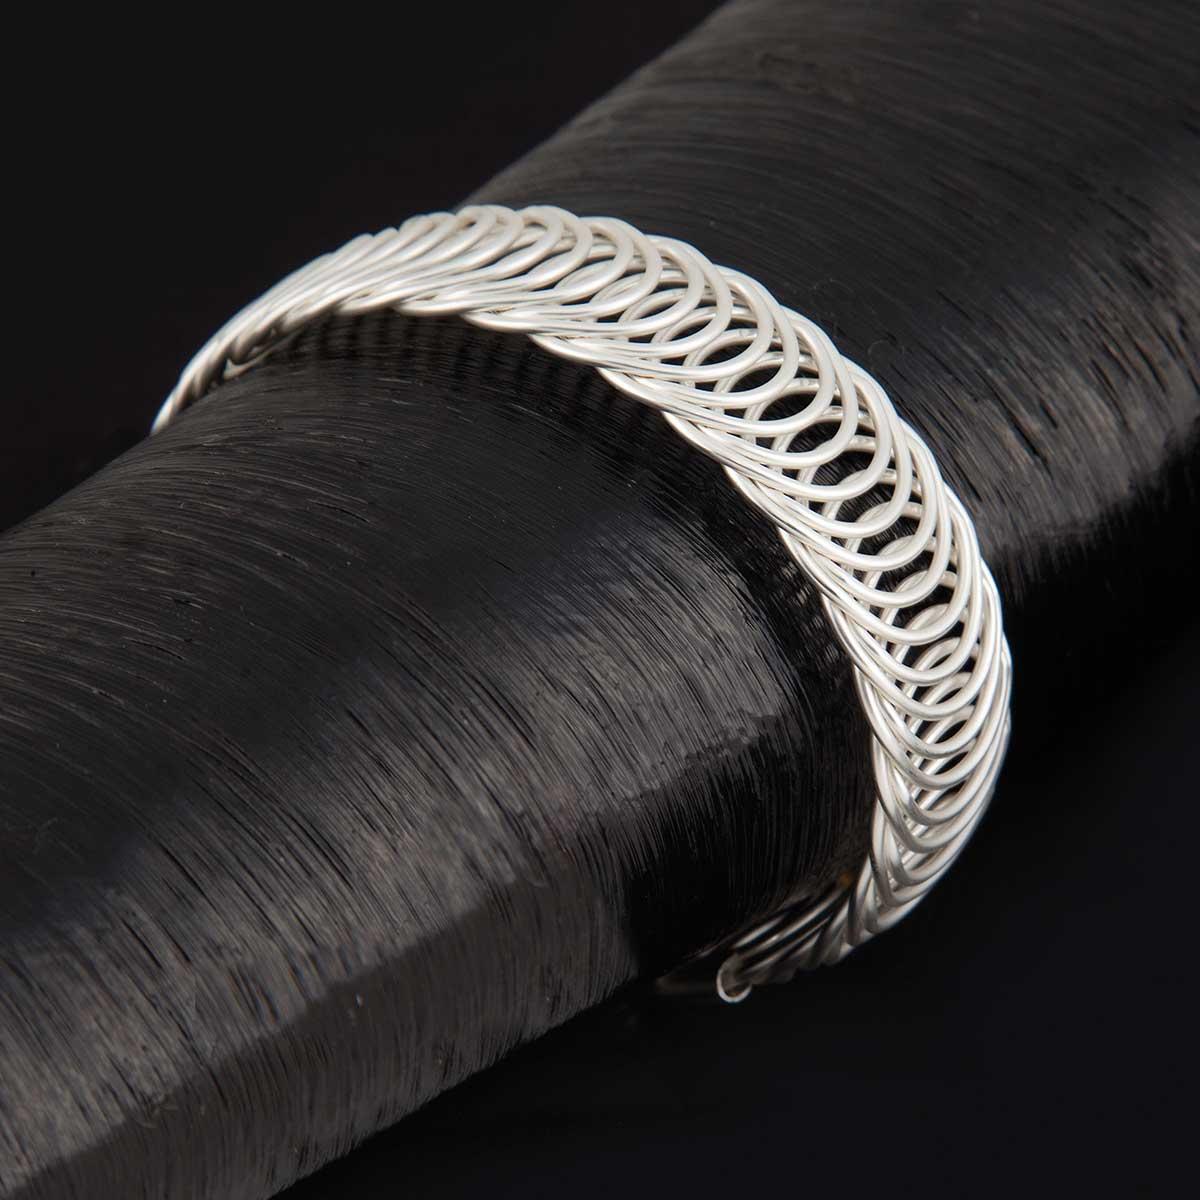 Matte Silver Circles Wrap Bracelet